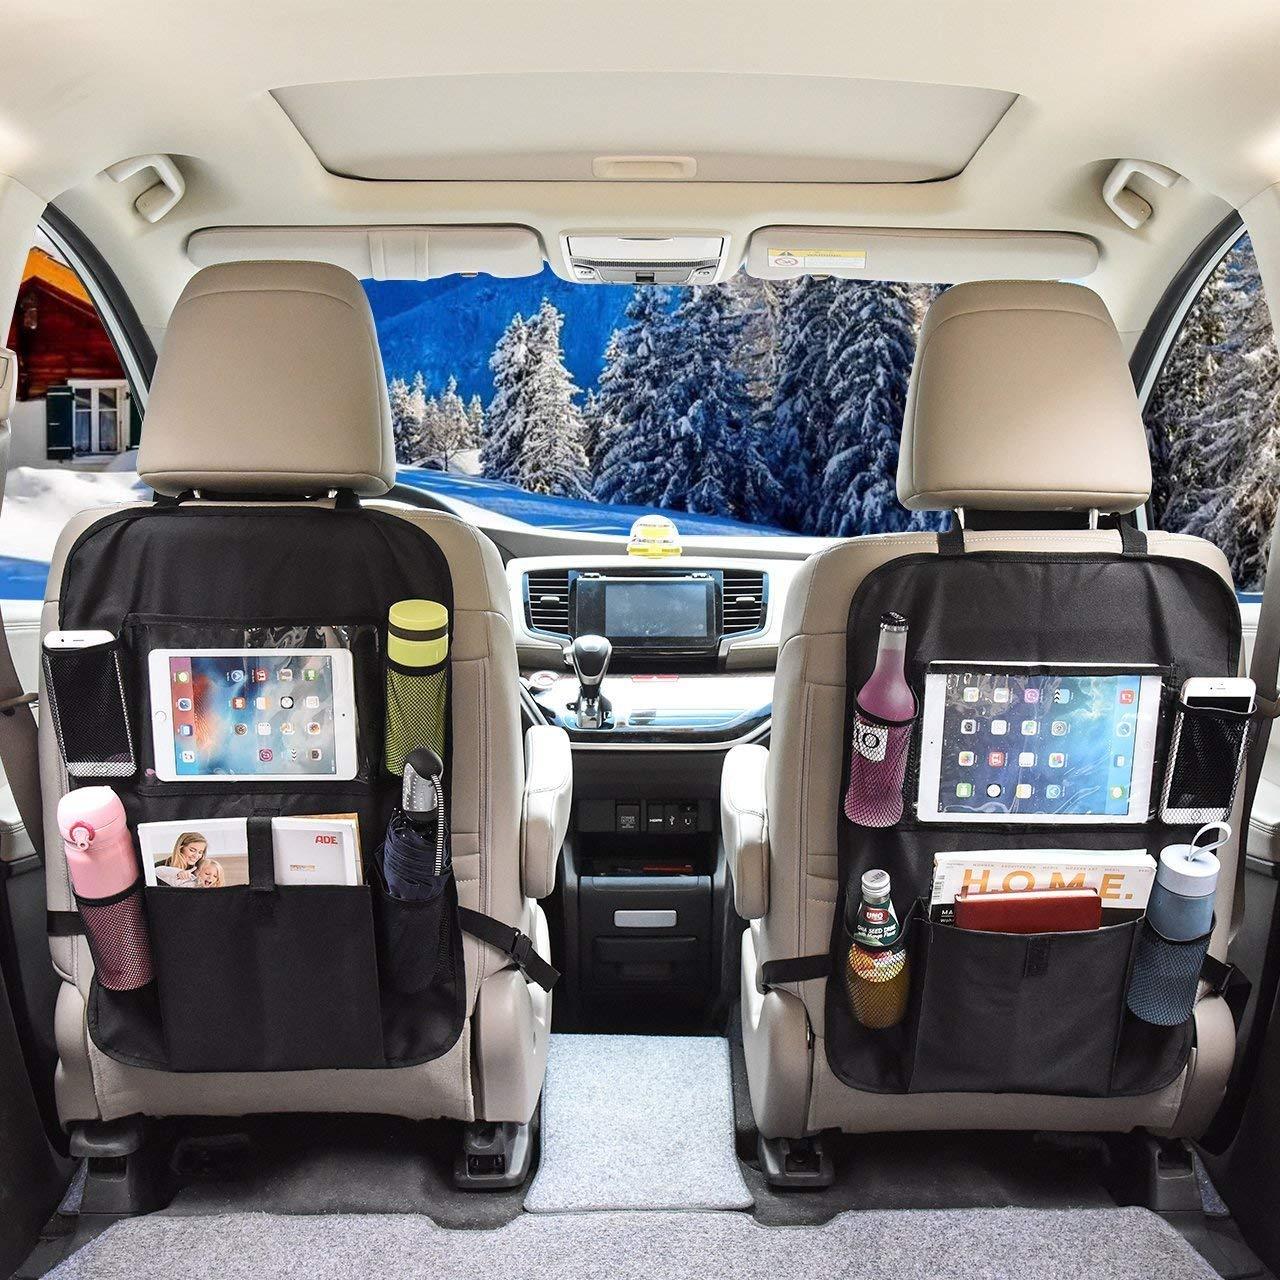 OMORC Protezione Sedile Auto, [2 Pezzi] Proteggi Sedile Auto Bambini Protezione Impermeabile con Supporto iPad/Tablet, Multi-Tasca per Bottiglie, Giocattoli e Accessorio da Viaggio per Bambini, Nero